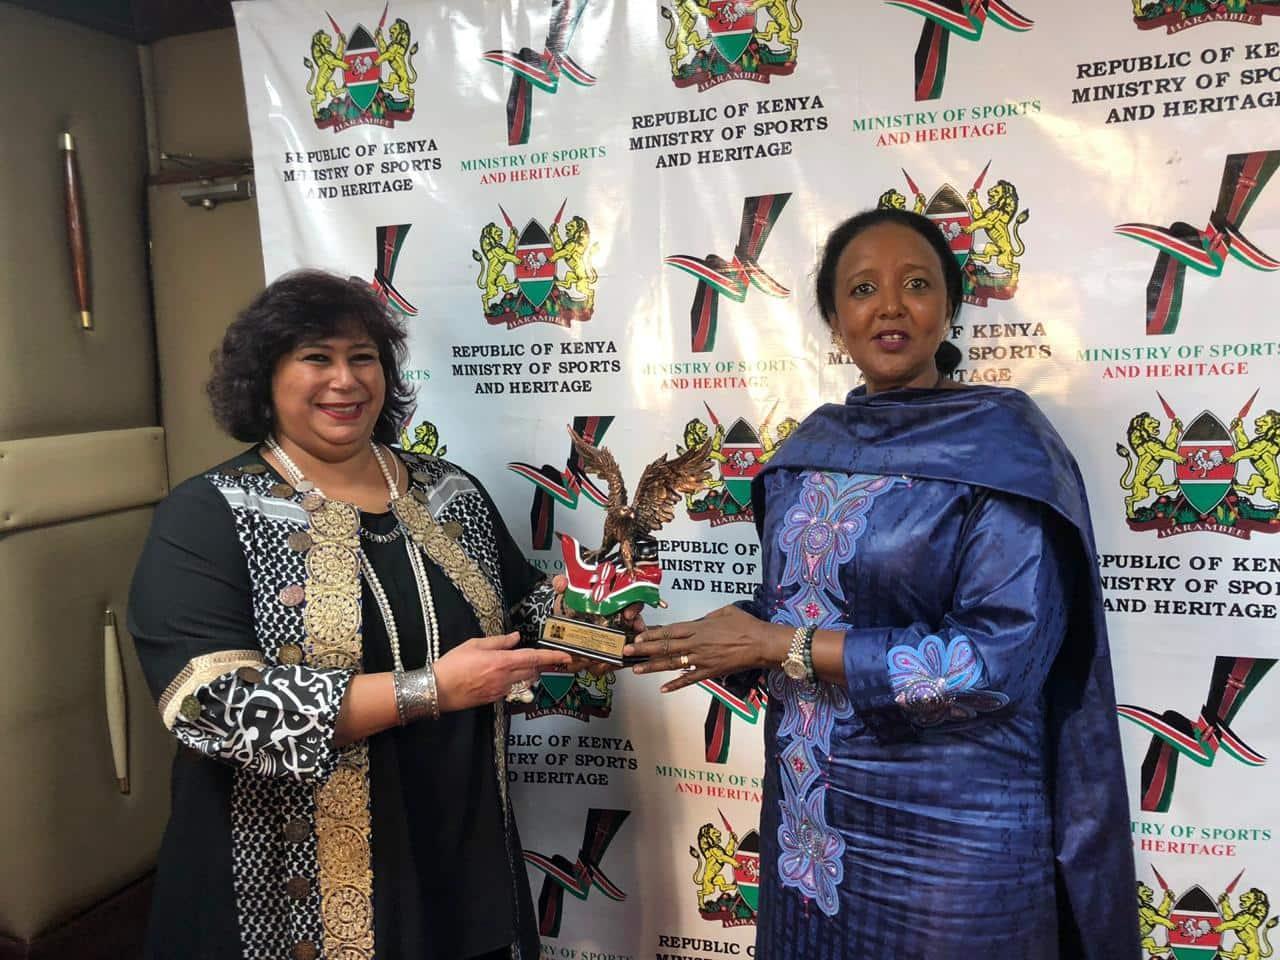 وزيرة الثقافة تبحث مع نظيرتها الكينية تكثيف الأنشطة الثقافية والإبداعية بين البلدين